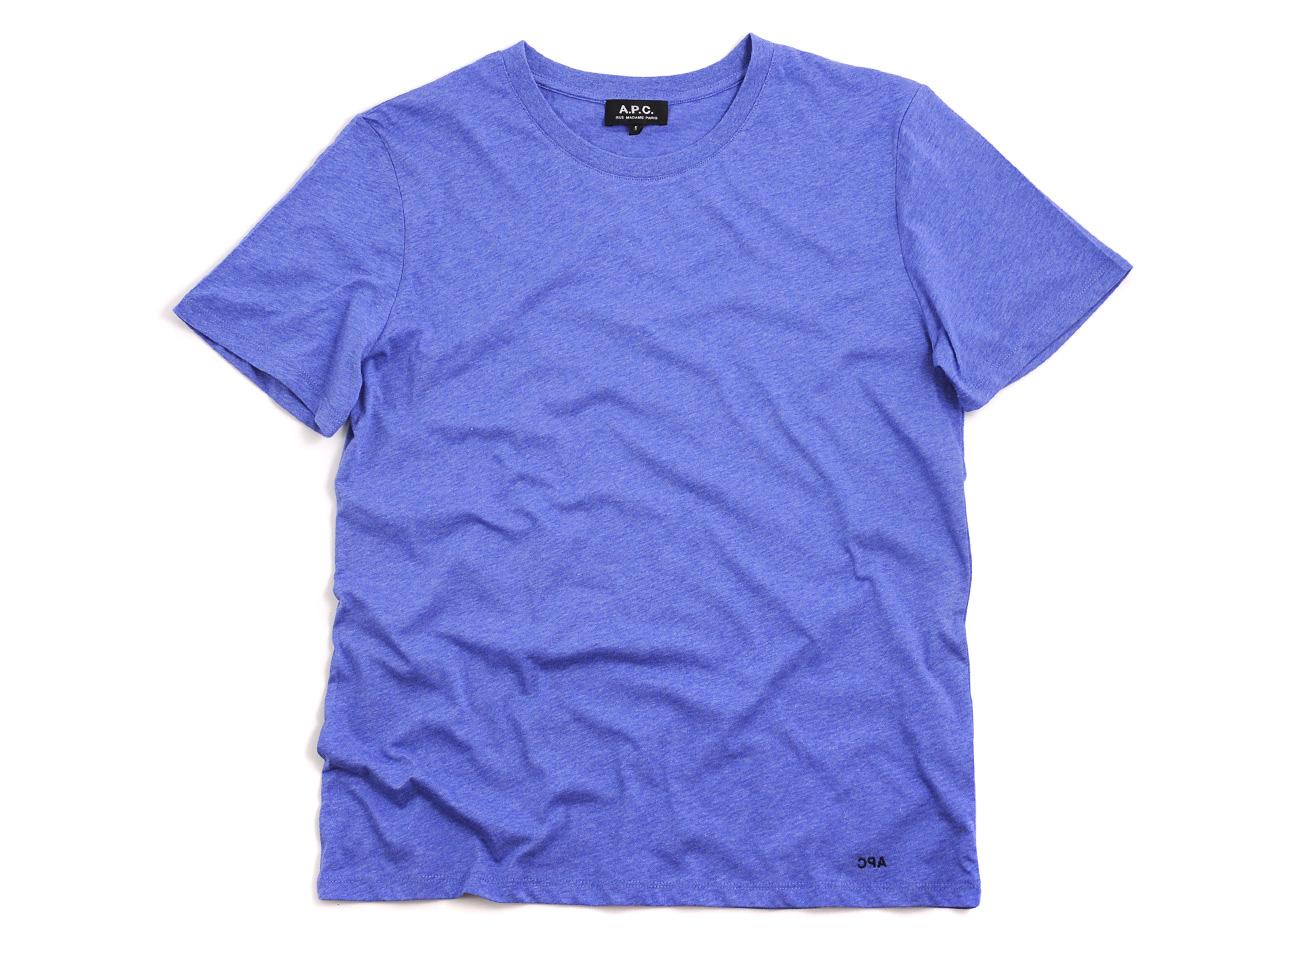 a p c logo tshirt indigo in blue for men indigo lyst